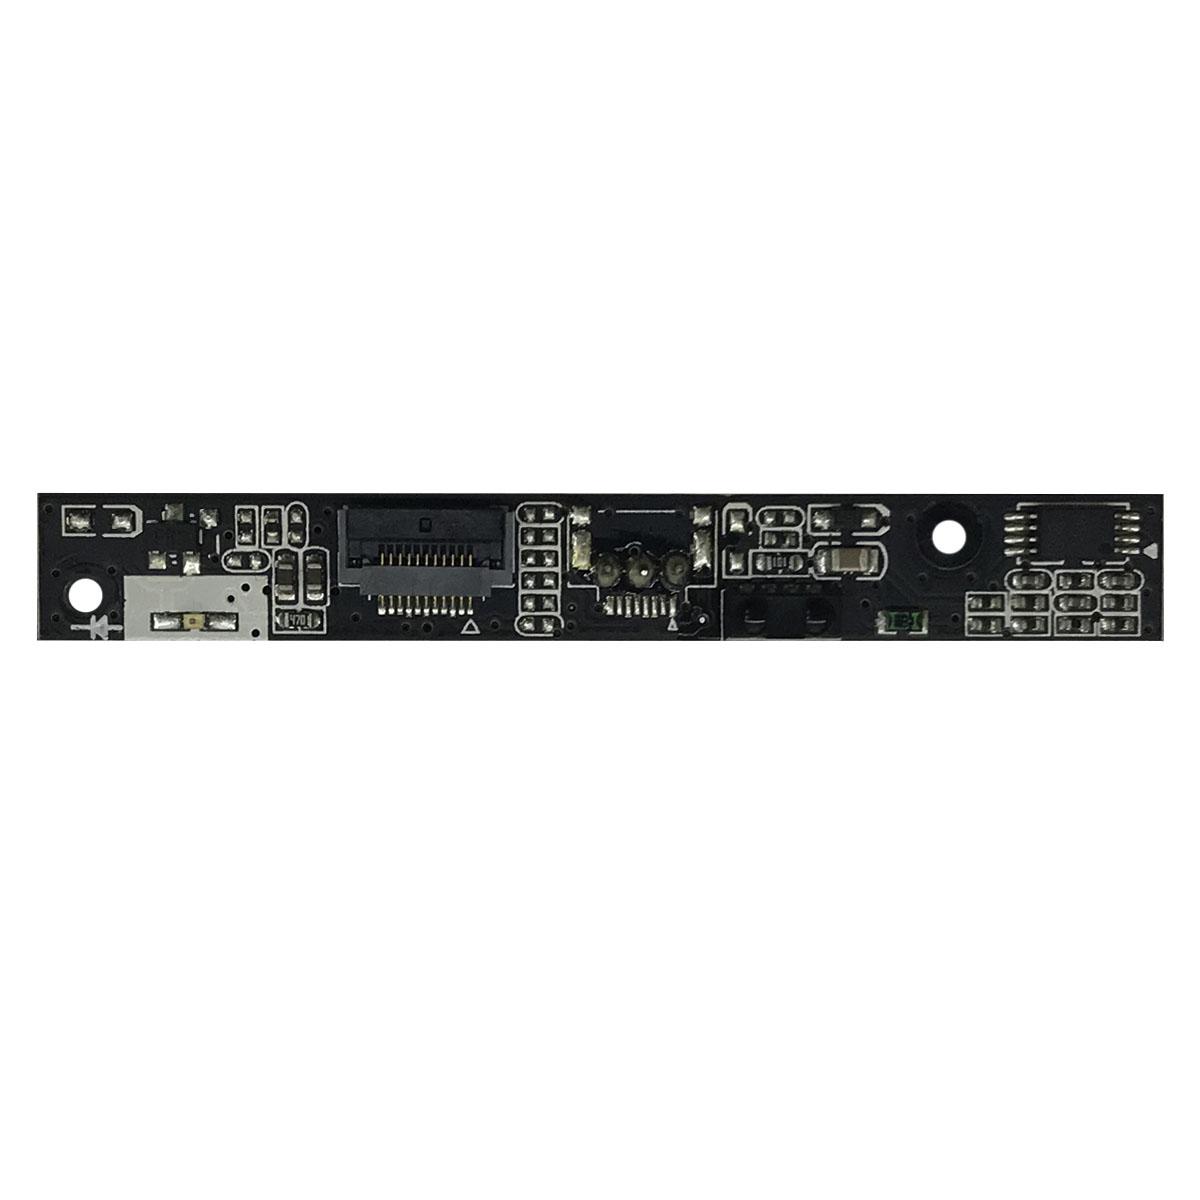 ИК-датчик 272217190529 для Philips 40PFL5007T